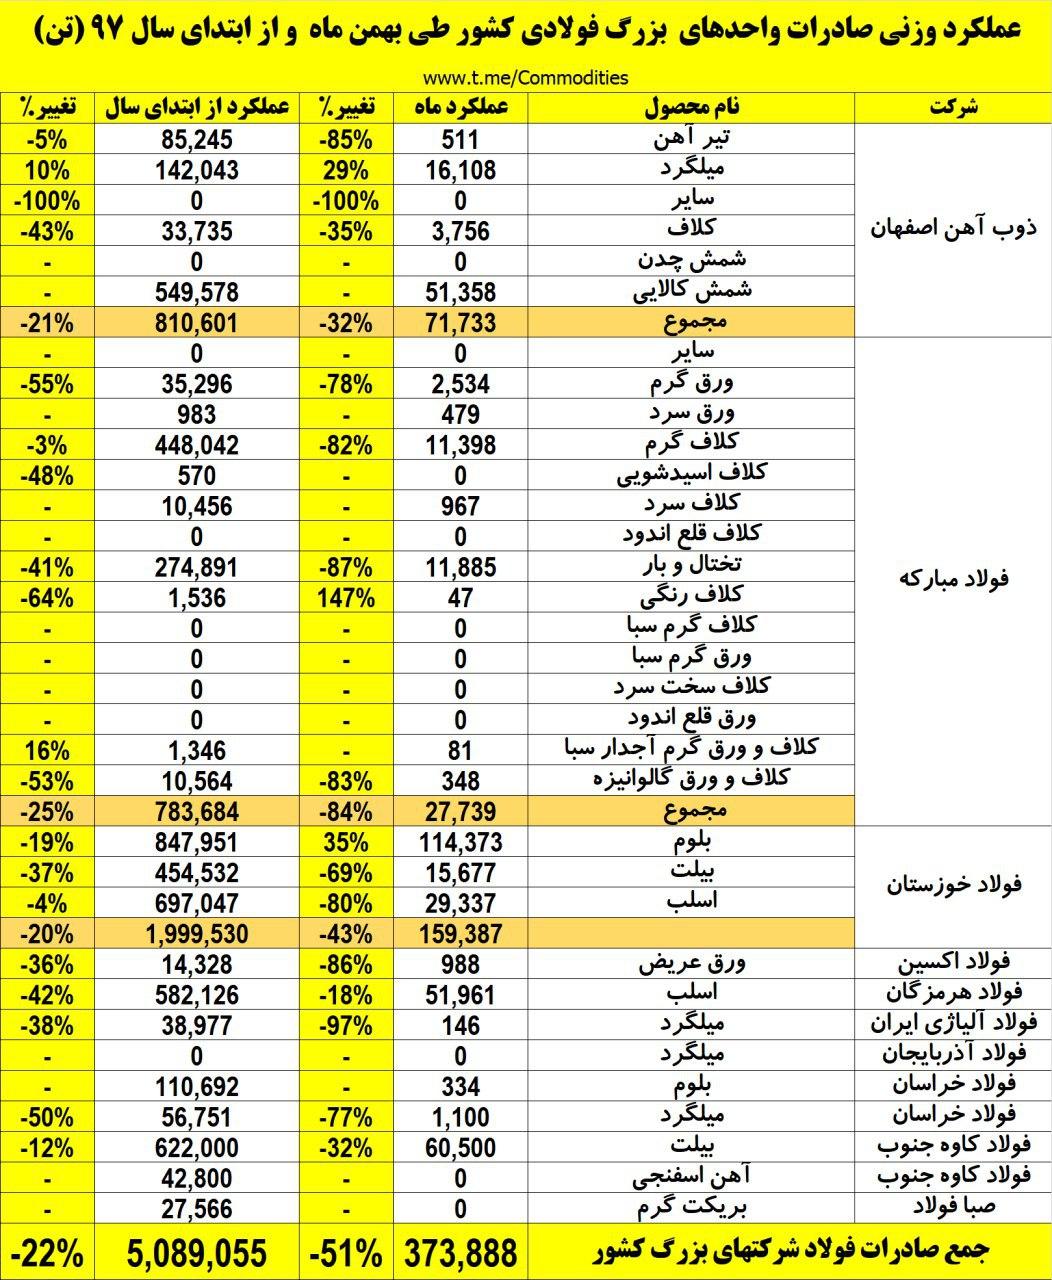 افت چشمگیر صادرات فولادسازان در بهمن ماه/ منتظر جهش صادرات باشیم؟